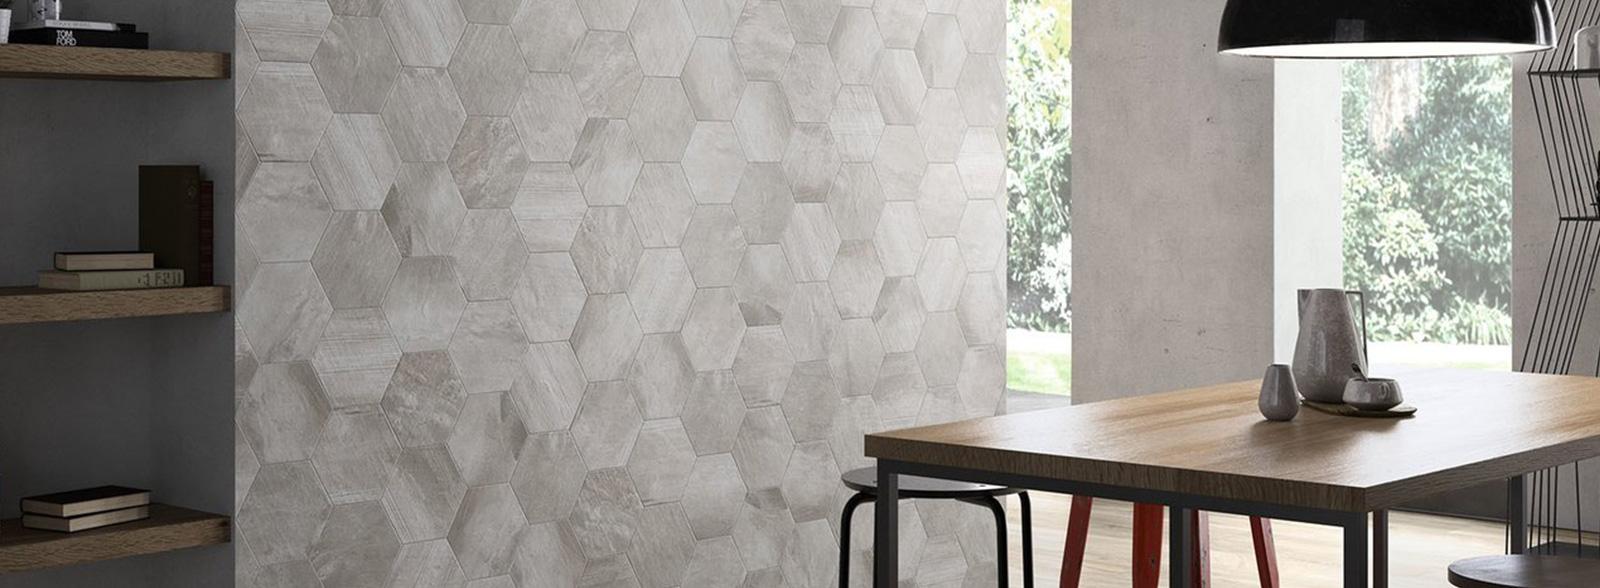 Vari-Hex Hexagon Tiles